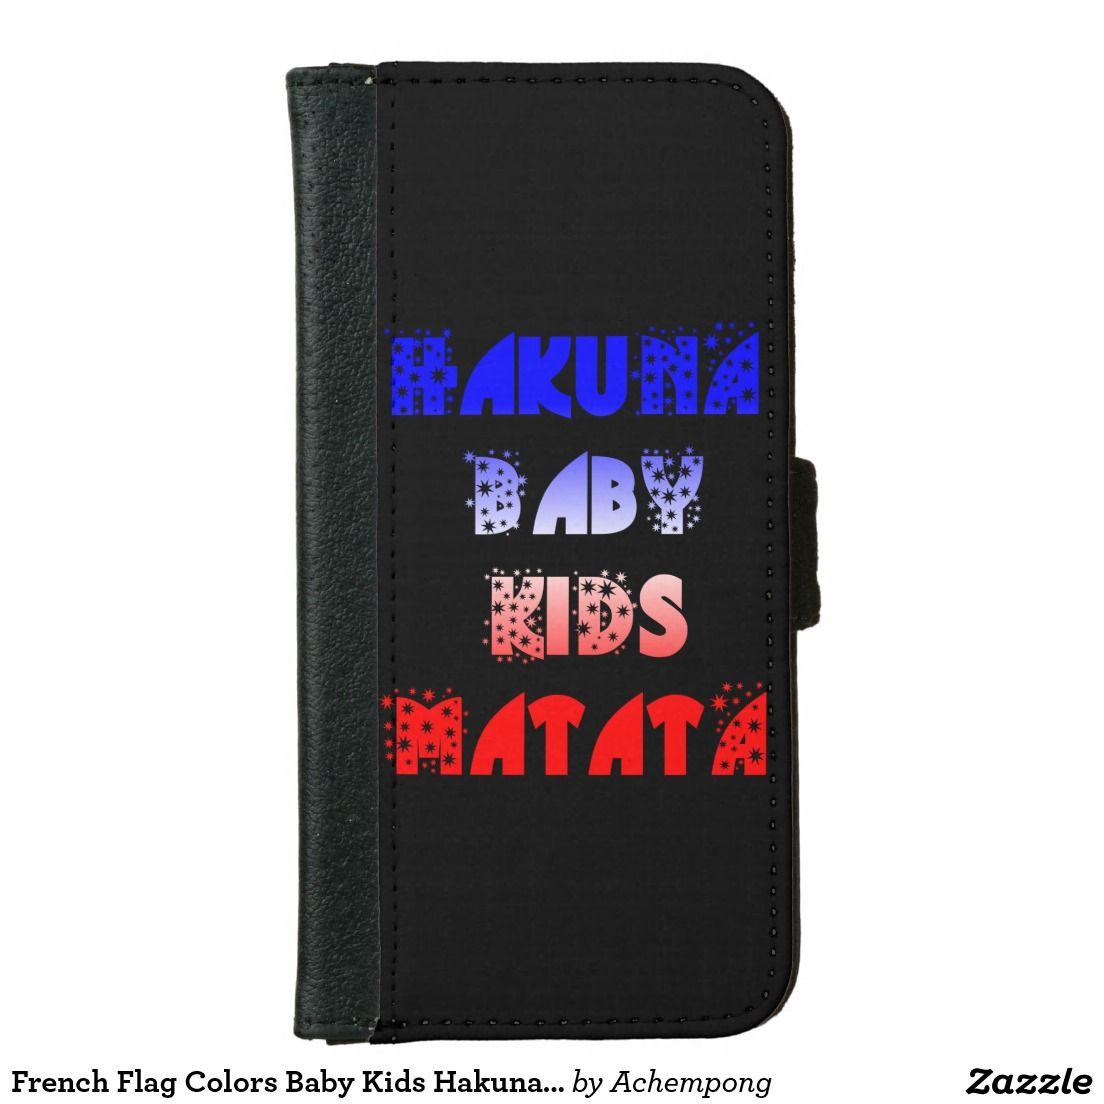 La bandera francesa colorea la cartera de Hakuna | La bandera ...